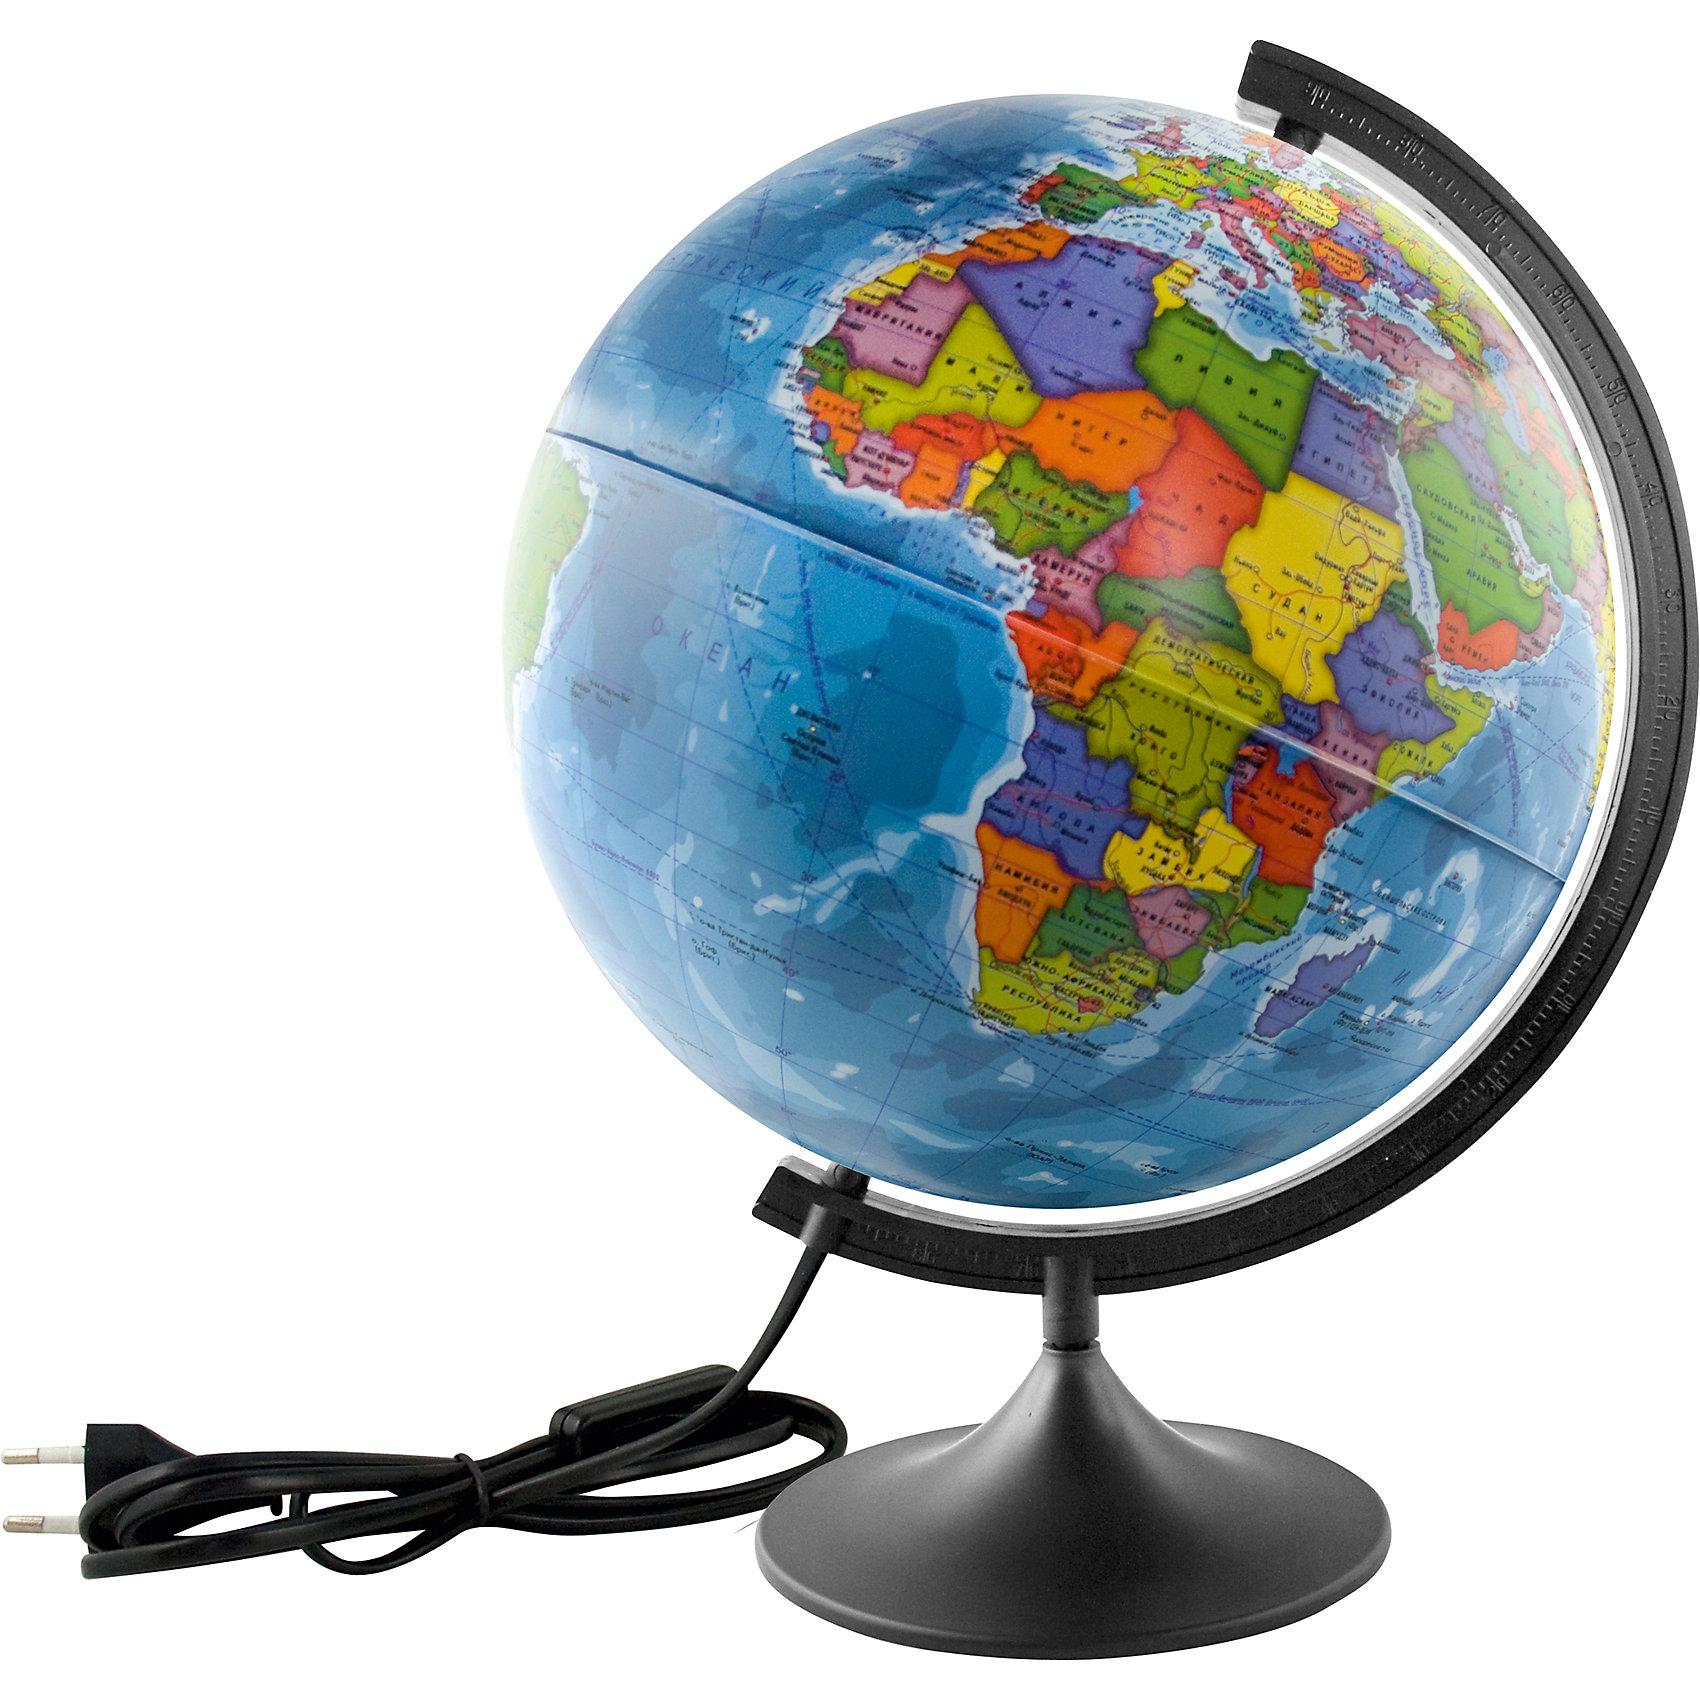 Глобус Земли политический с подсветкой, диаметр 320 ммГлобусы<br>Глобус Земли политический с подсветкой, д-р 320.<br><br>Характеристики:<br><br>• Для детей в возрасте: от 6 лет<br>• Диаметр: 32 см.<br>• Масштаб: 1:40000000<br>• Материал: пластик<br>• Цвет подставки и дуги: черный<br>• Подсветка работает от сети<br><br>Глобус Земли с современной политической картой мира (Крым в составе РФ) станет замечательным наглядным пособием для вашего ребенка. Политическая карта выполнена в ярких цветах. На карту нанесены страны, границы, столицы и крупные города, континенты, моря, океаны, реки и большие озера, а также другая полезная информация. Надписи выполнены на русском языке, четкие и легкочитаемые. Сфера глобуса изготовлена из прочного высококачественного пластика, поэтому она не расколется от случайного падения. Устойчивая подставка и дуга с градусными отметками выполнены из прочного высококачественного пластика черного цвета. Для усиления цветового эффекта можно включить подсветку. Подсветка работает от стационарной сети в 220 Вольт. Провод изолирован, есть переключатель.<br><br>Глобус Земли политический с подсветкой, д-р 320 можно купить в нашем интернет-магазине.<br><br>Ширина мм: 350<br>Глубина мм: 320<br>Высота мм: 320<br>Вес г: 900<br>Возраст от месяцев: 72<br>Возраст до месяцев: 2147483647<br>Пол: Унисекс<br>Возраст: Детский<br>SKU: 5504473